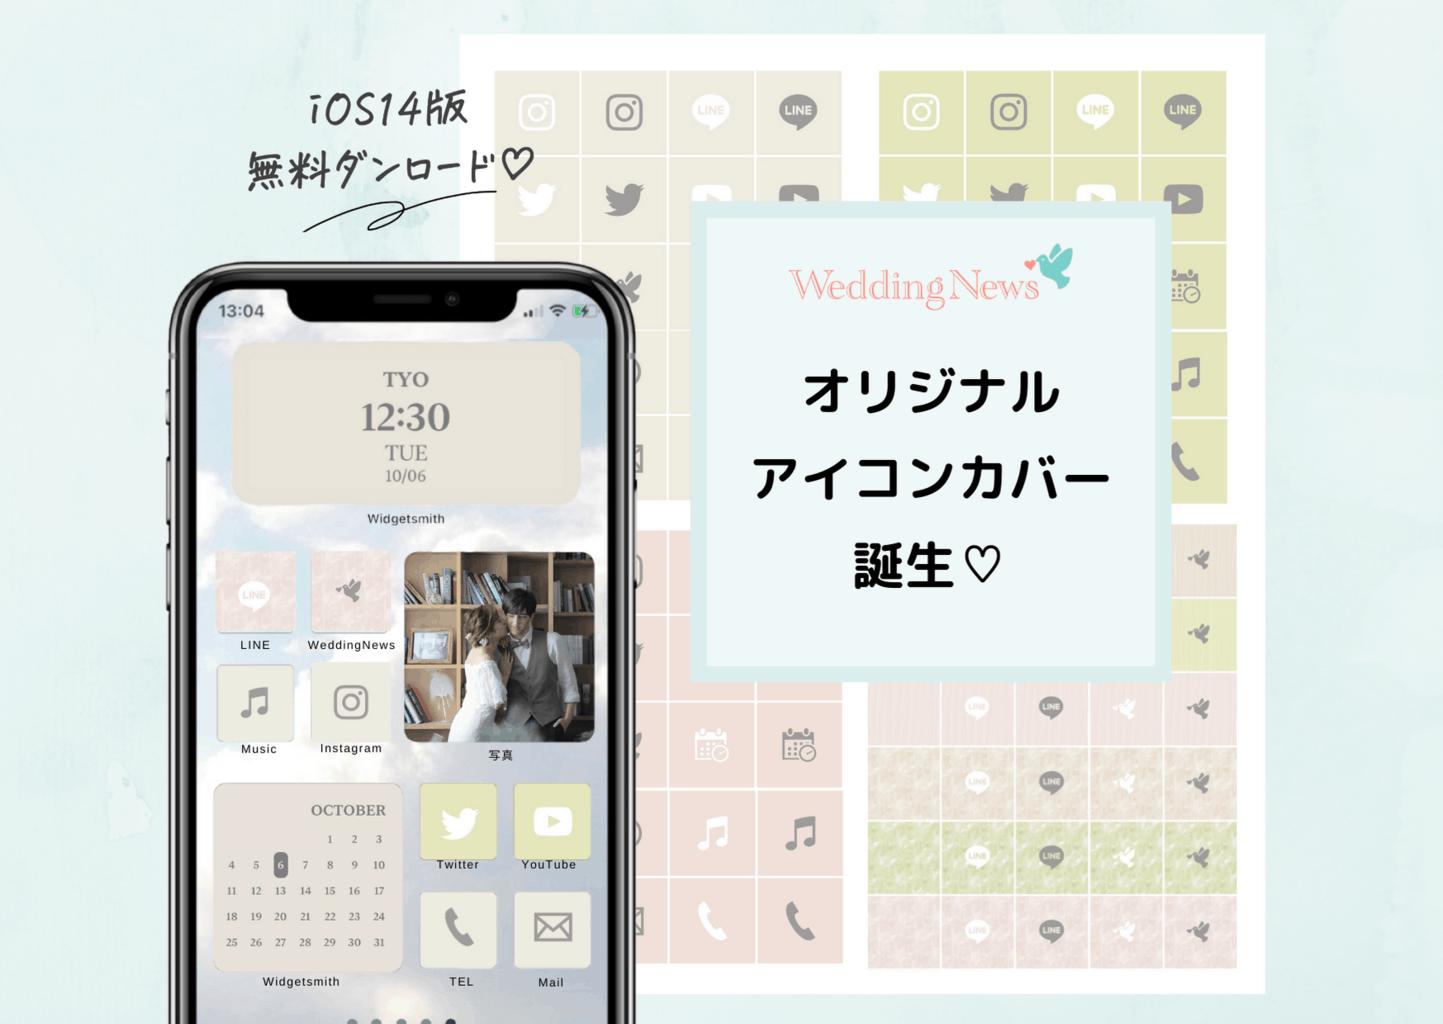 【iOS14アップデート】でホーム画面を可愛く♡オリジナルアイコンカバー無料配布中!のカバー写真